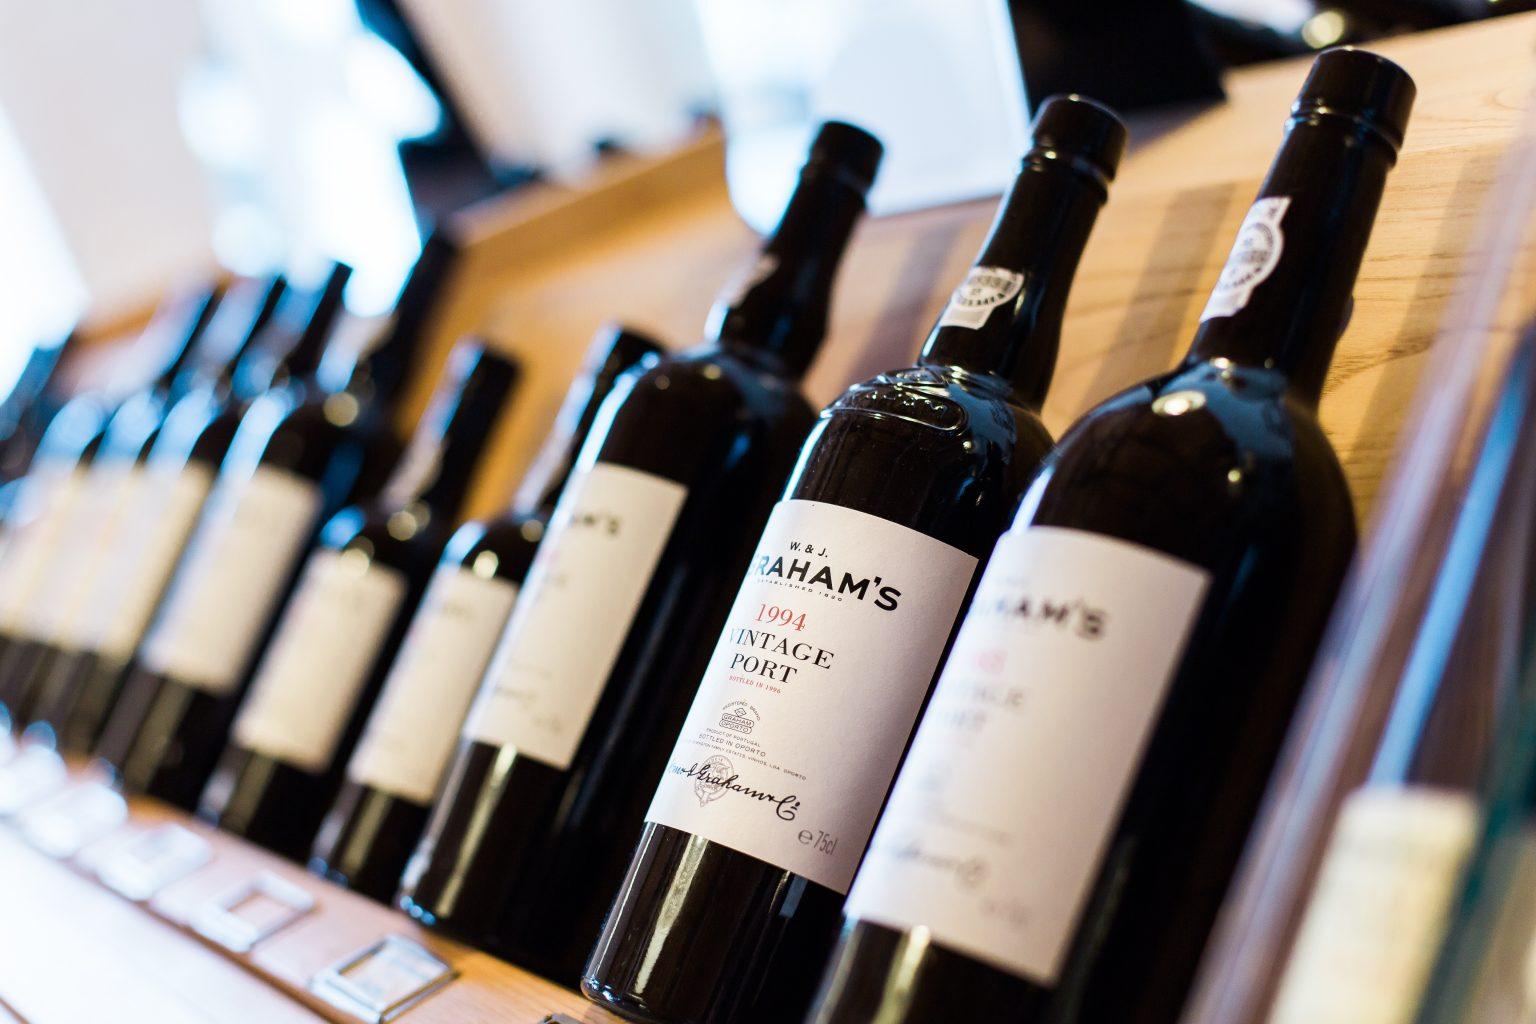 Wine of Douro